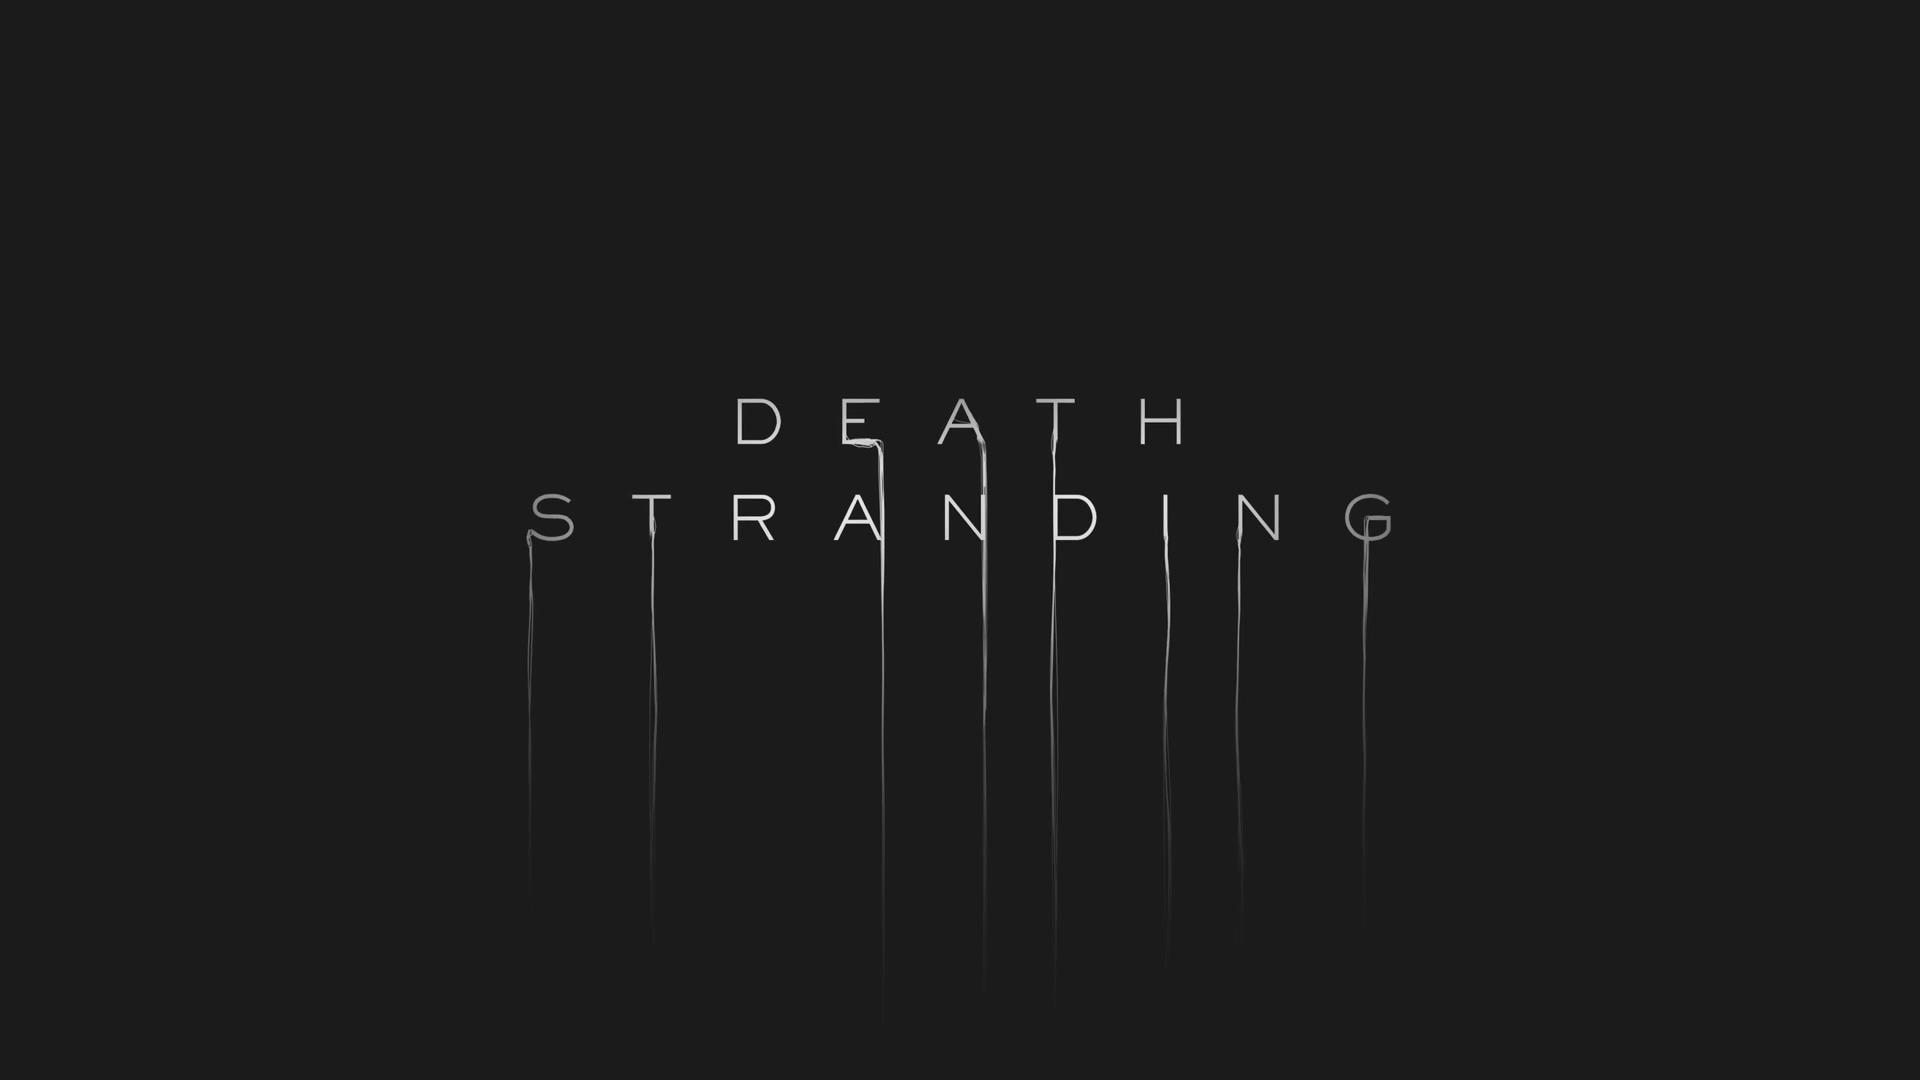 《死亡搁浅》官方中文预告片 每21分钟死一次的换心人